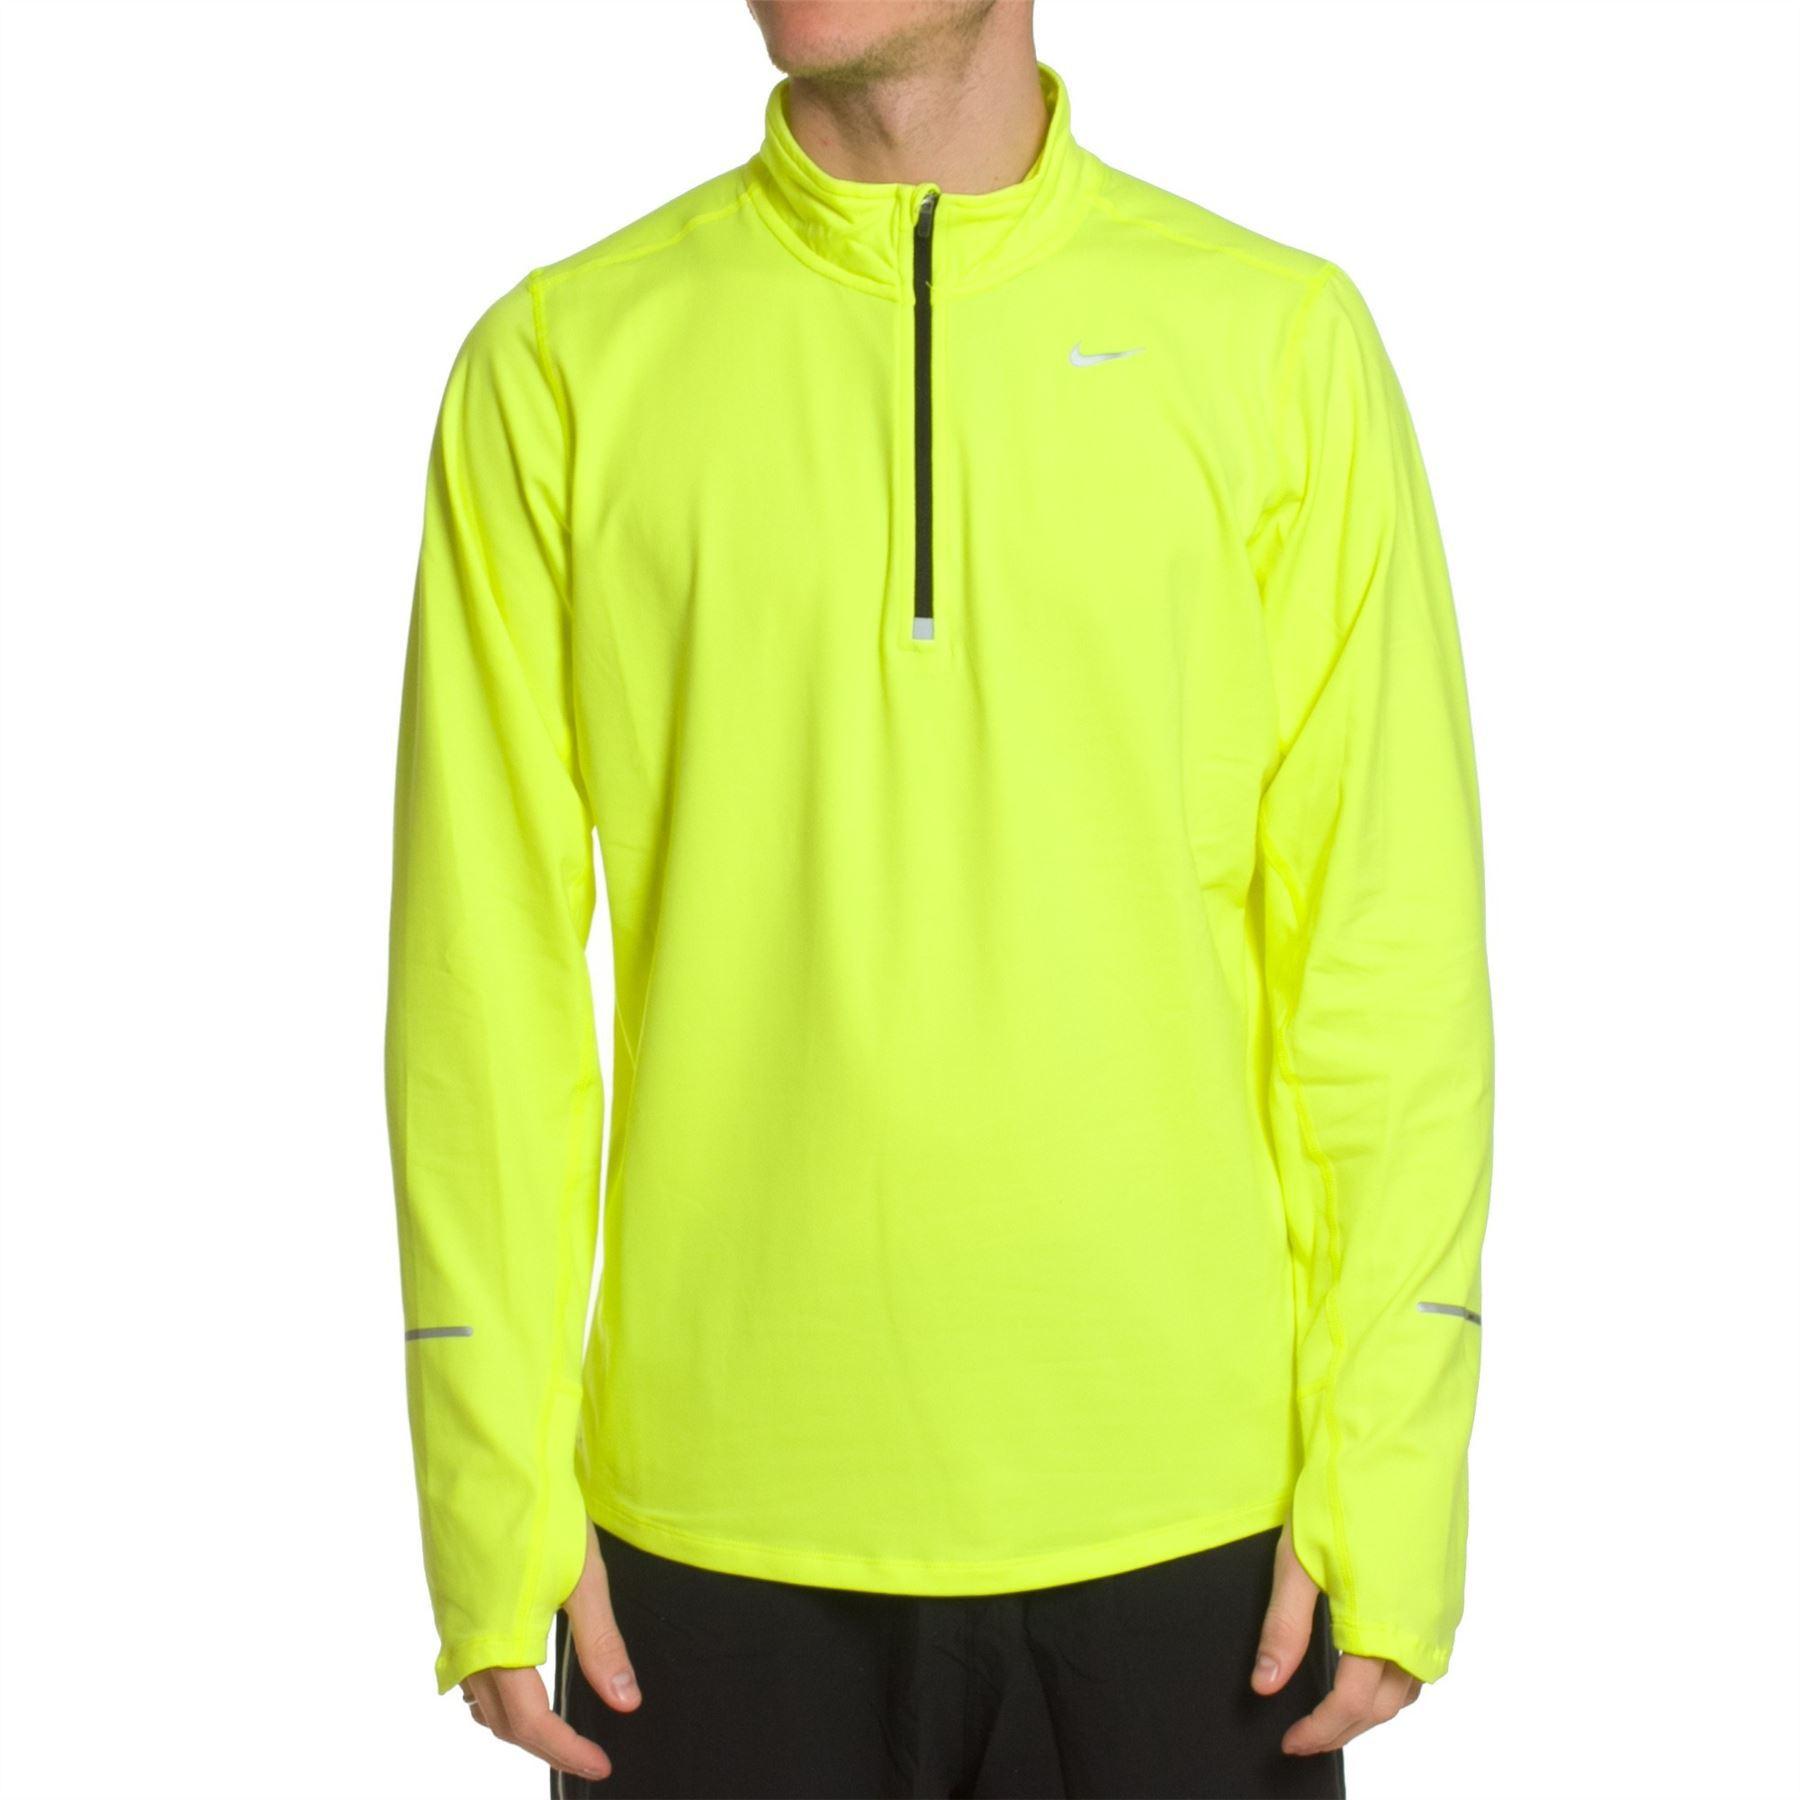 Футболка Nike Element 1/2 Zip LS /Рубашка беговая салатовая - 6